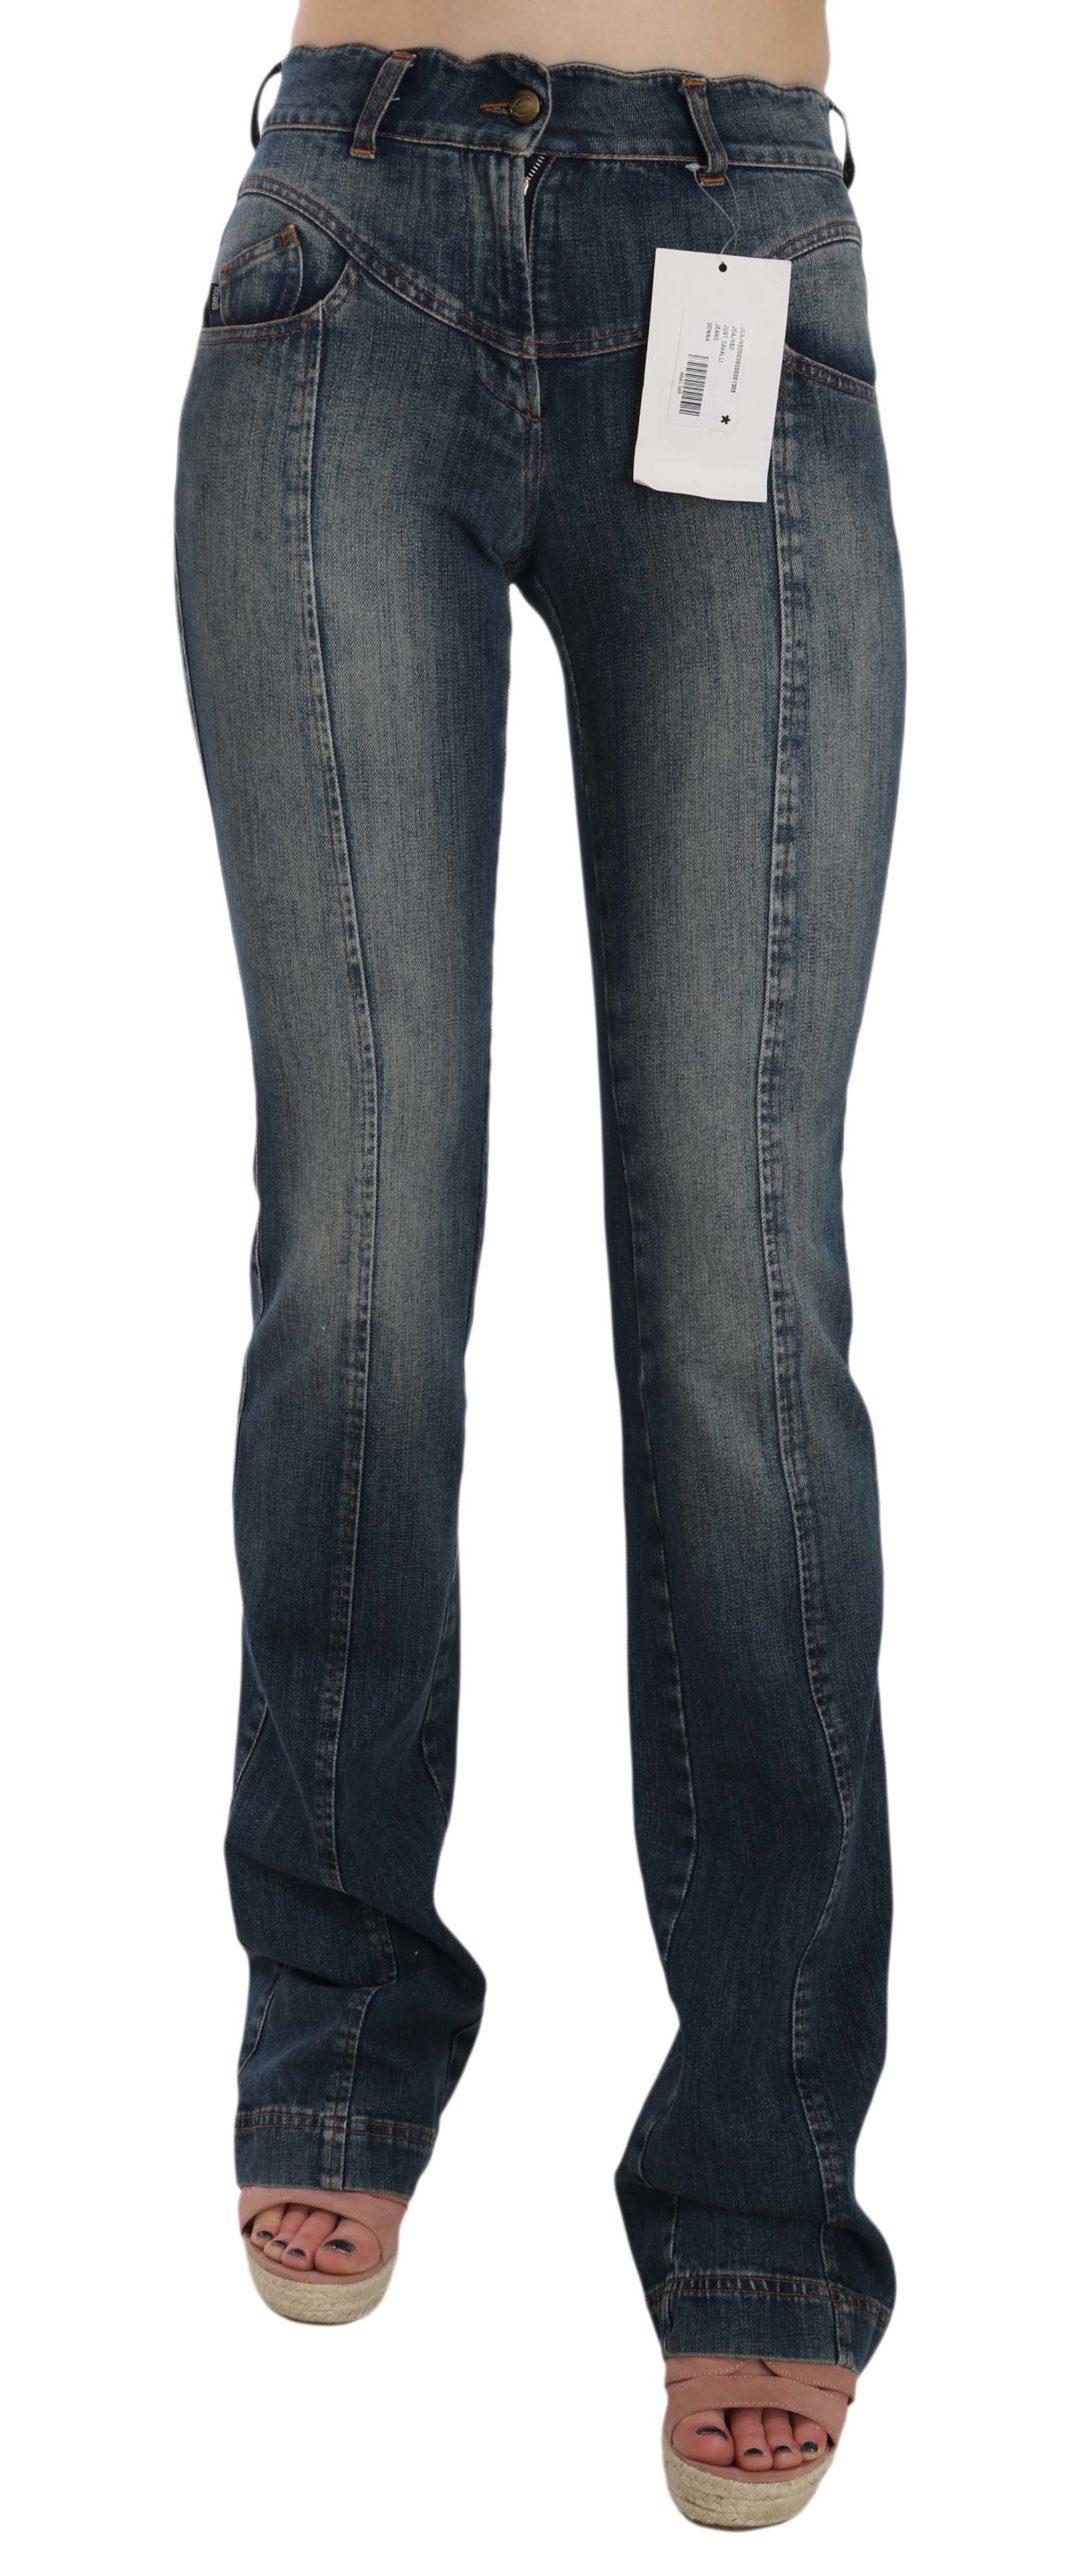 Cavalli Women's Jeans Blue BYX1344 - W26